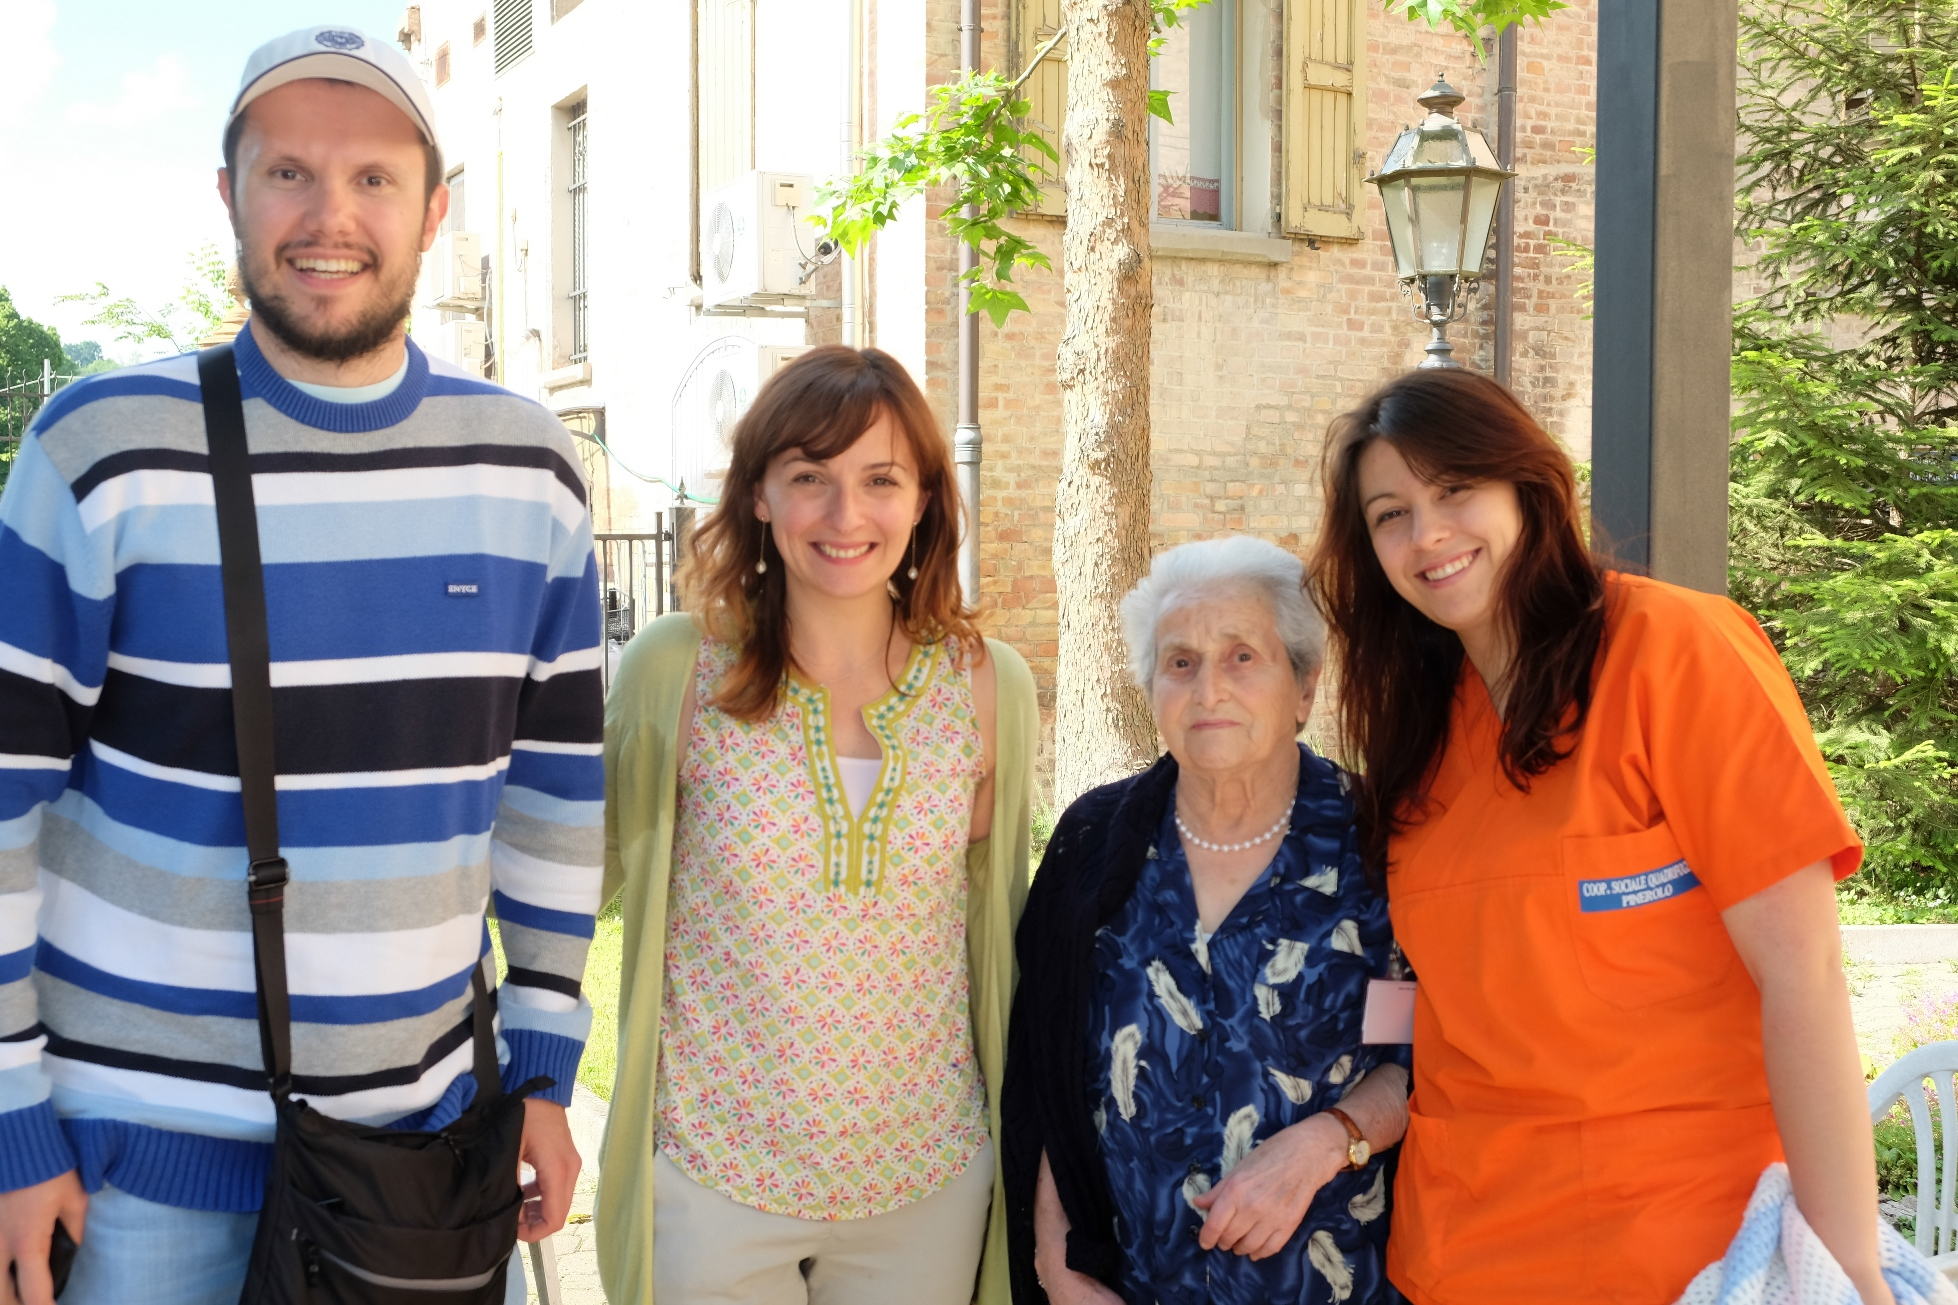 Foto di gruppo al termine dell'intervista a Lina Iubini. Sentieri di democrazia